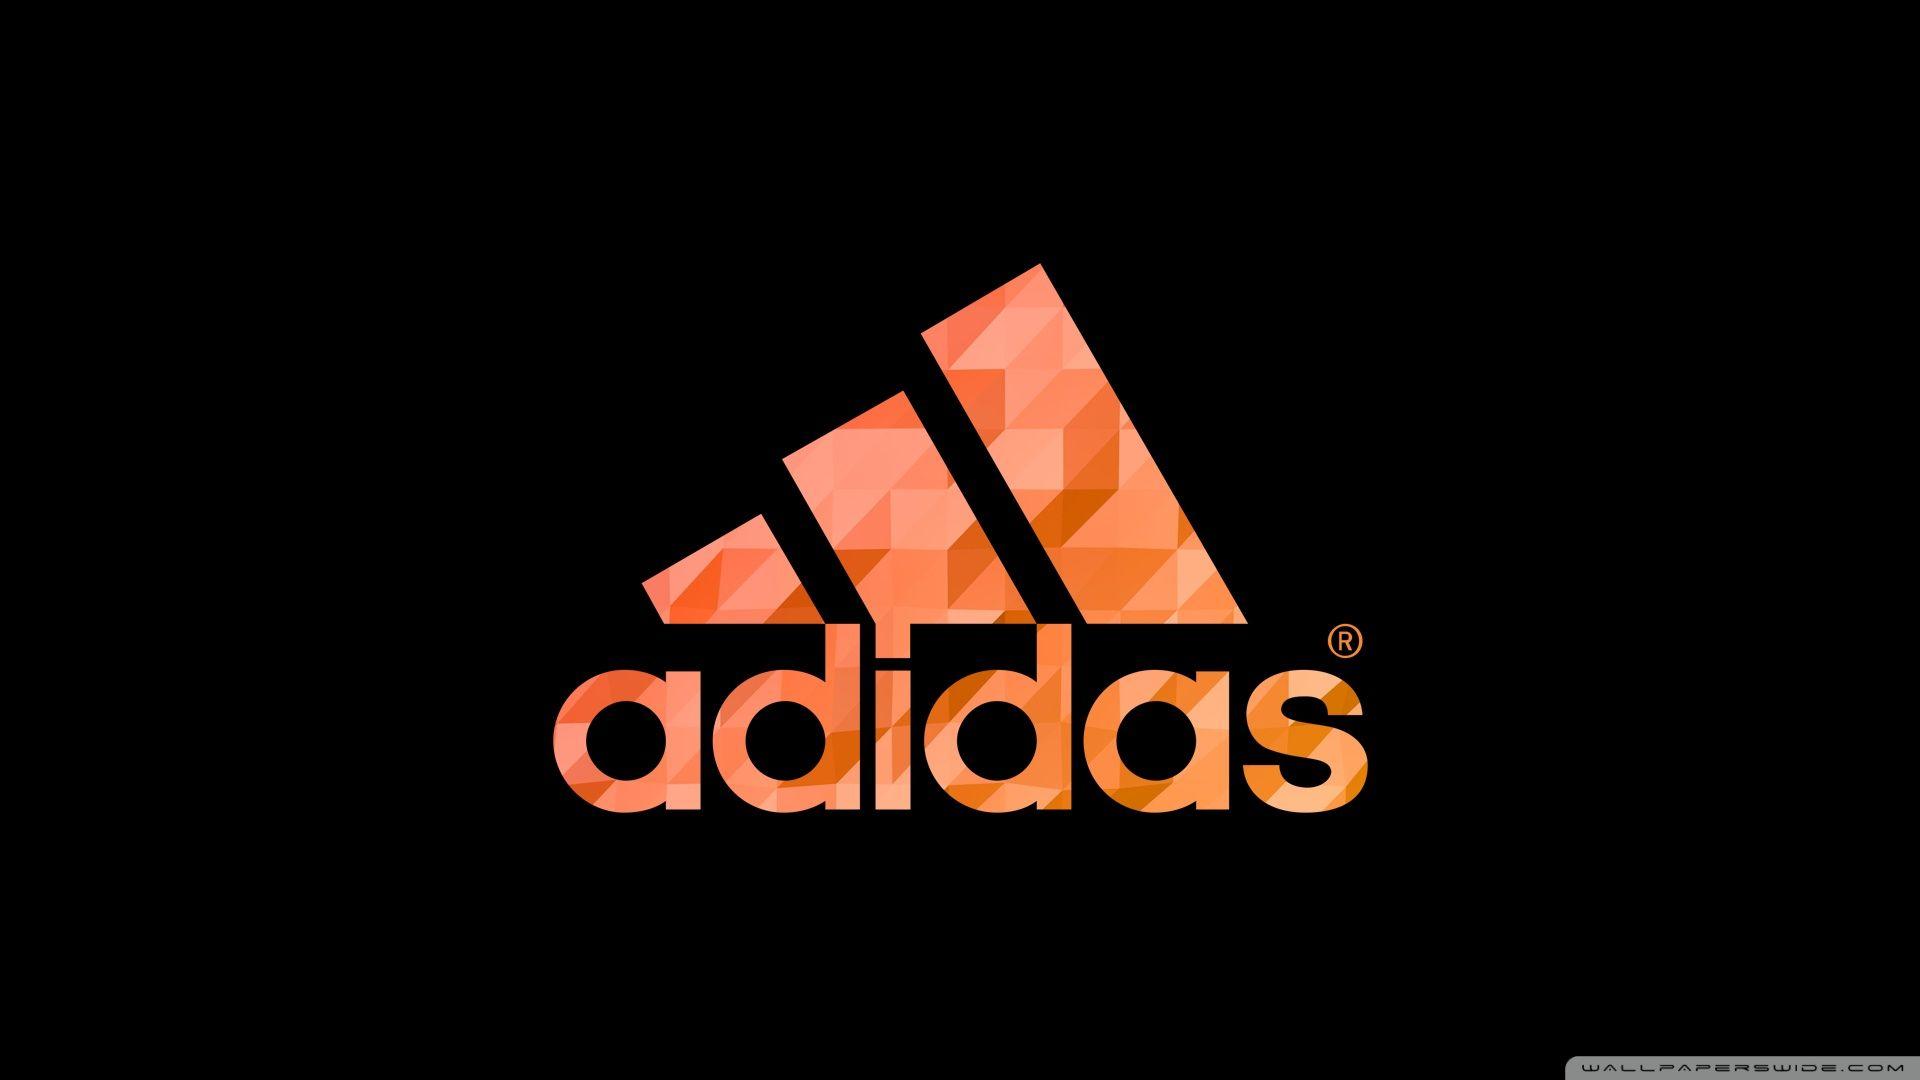 ligado Yogur Cierto  Fondos de pantalla de Adidas - FondosMil